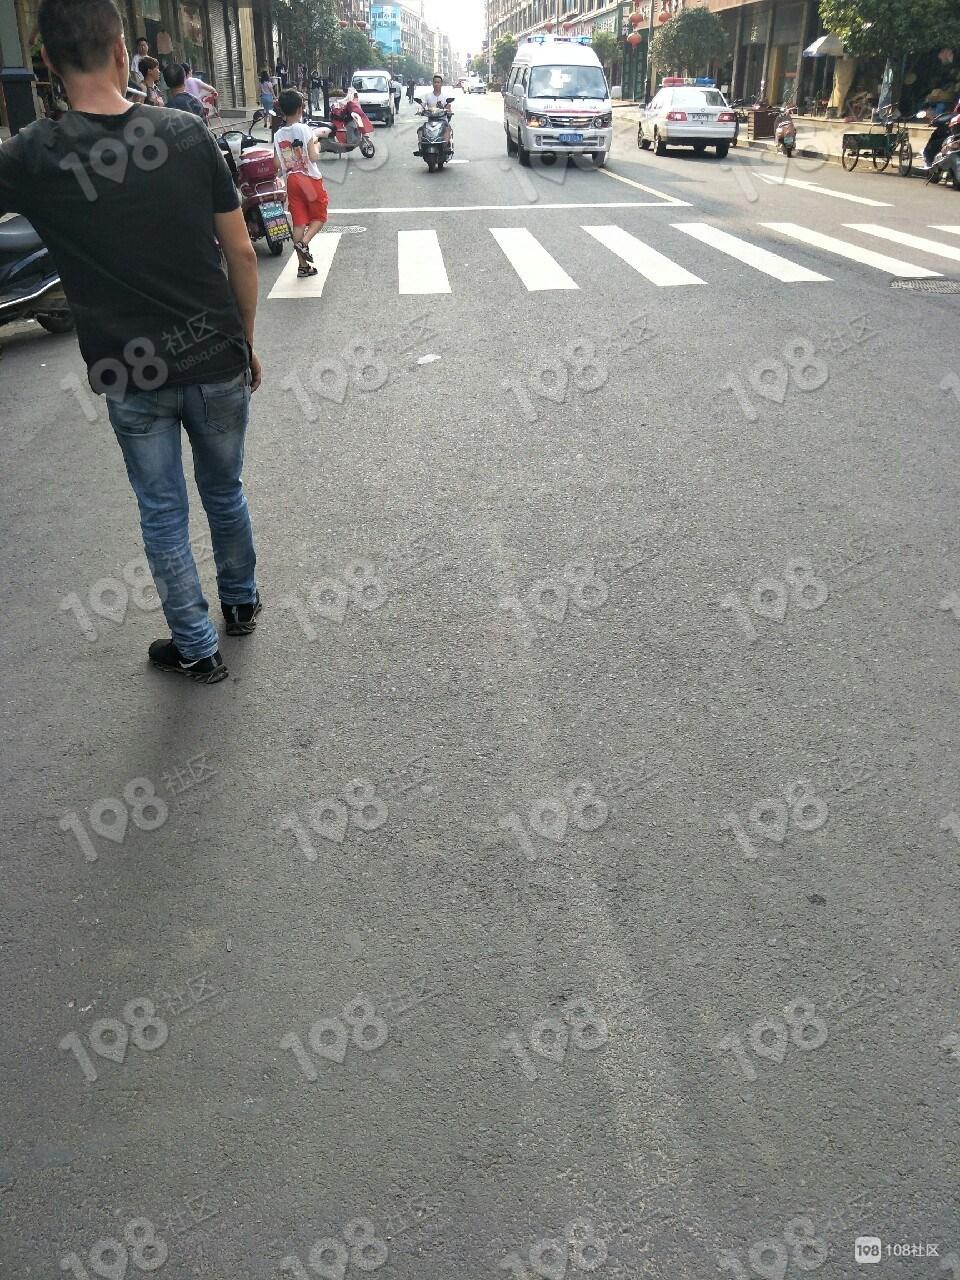 大市聚一群人聚在这里,围着一妇女!120车停在旁边